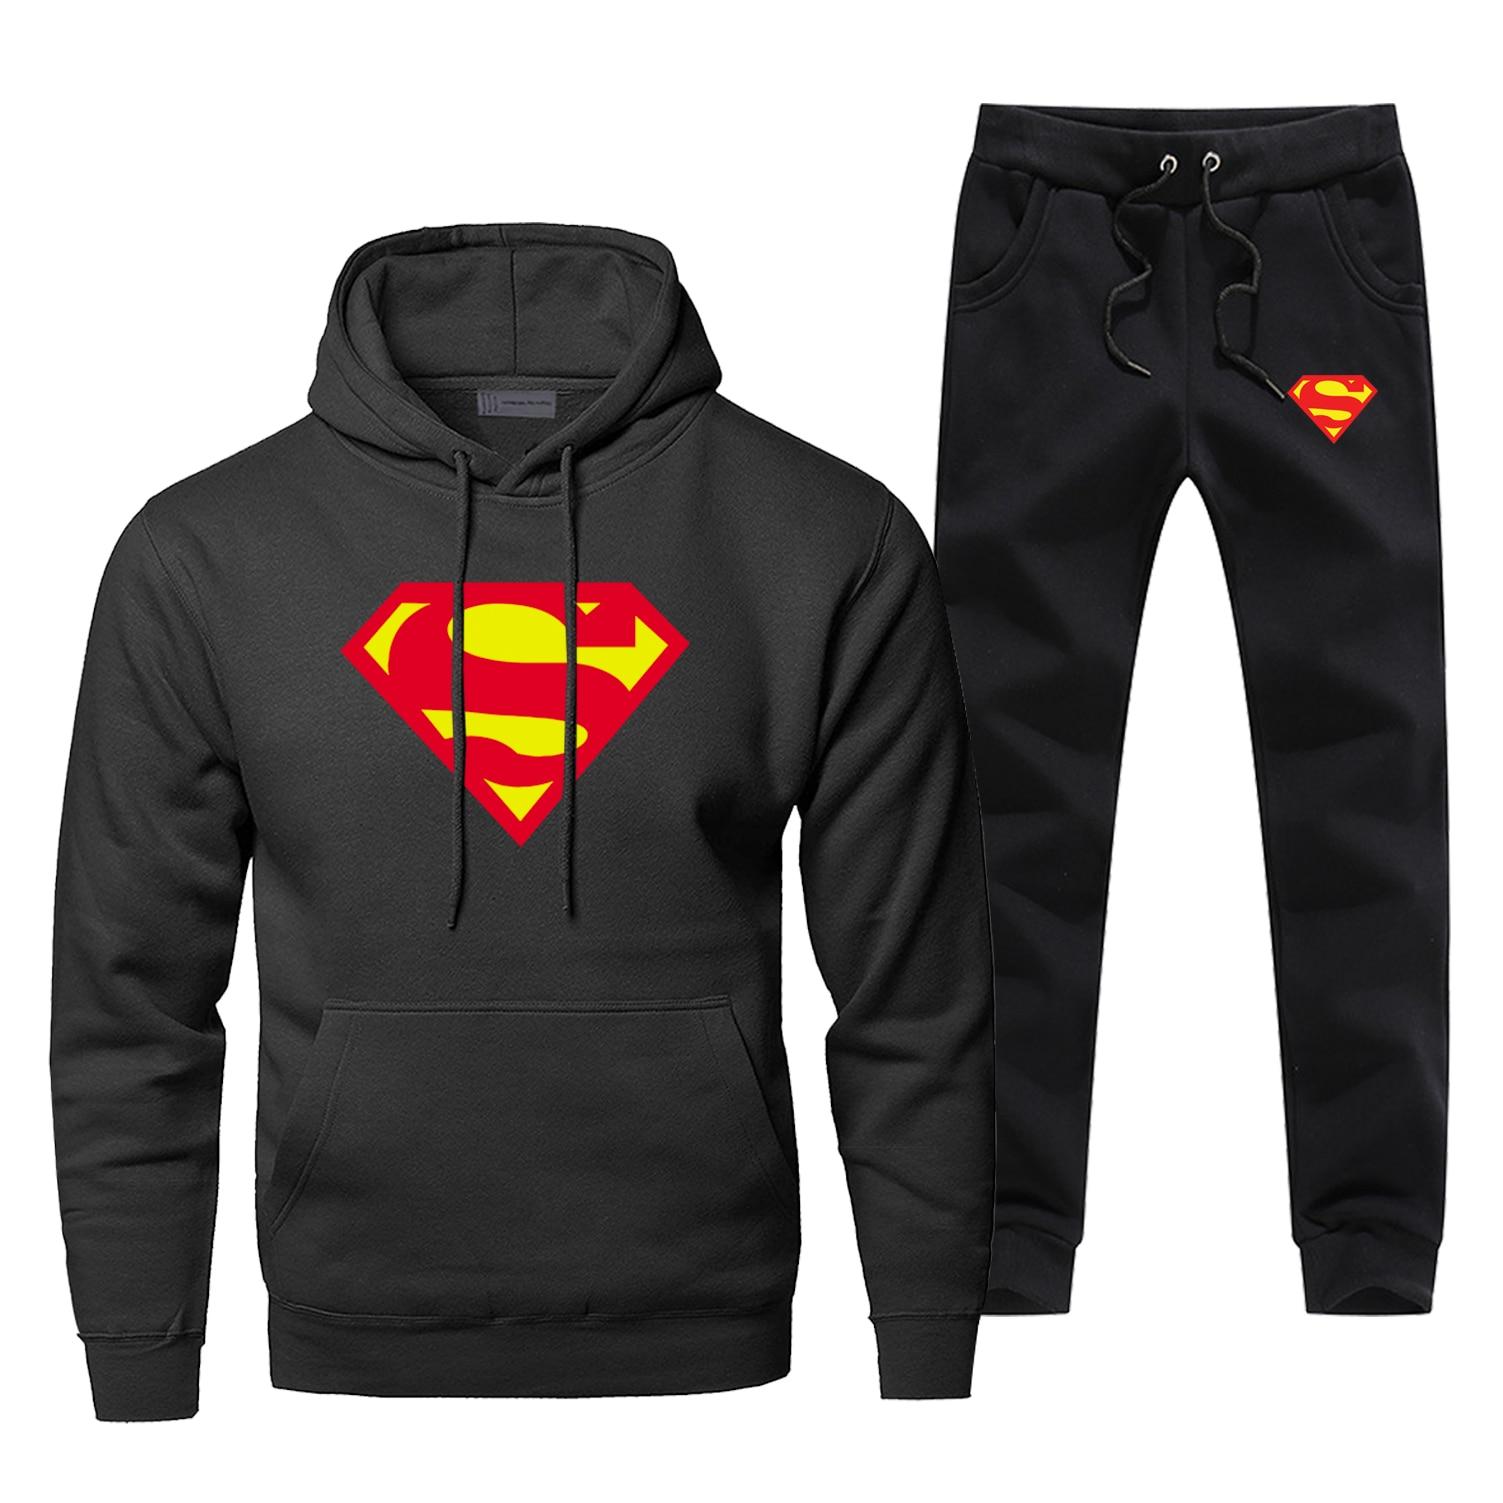 Superman Clark Kent Hoodies Pants Men Sets Track Suit Two Piece Tops Pant Sweatshirt Sweatpants Autumn Sports 2 PCS Tracksuit